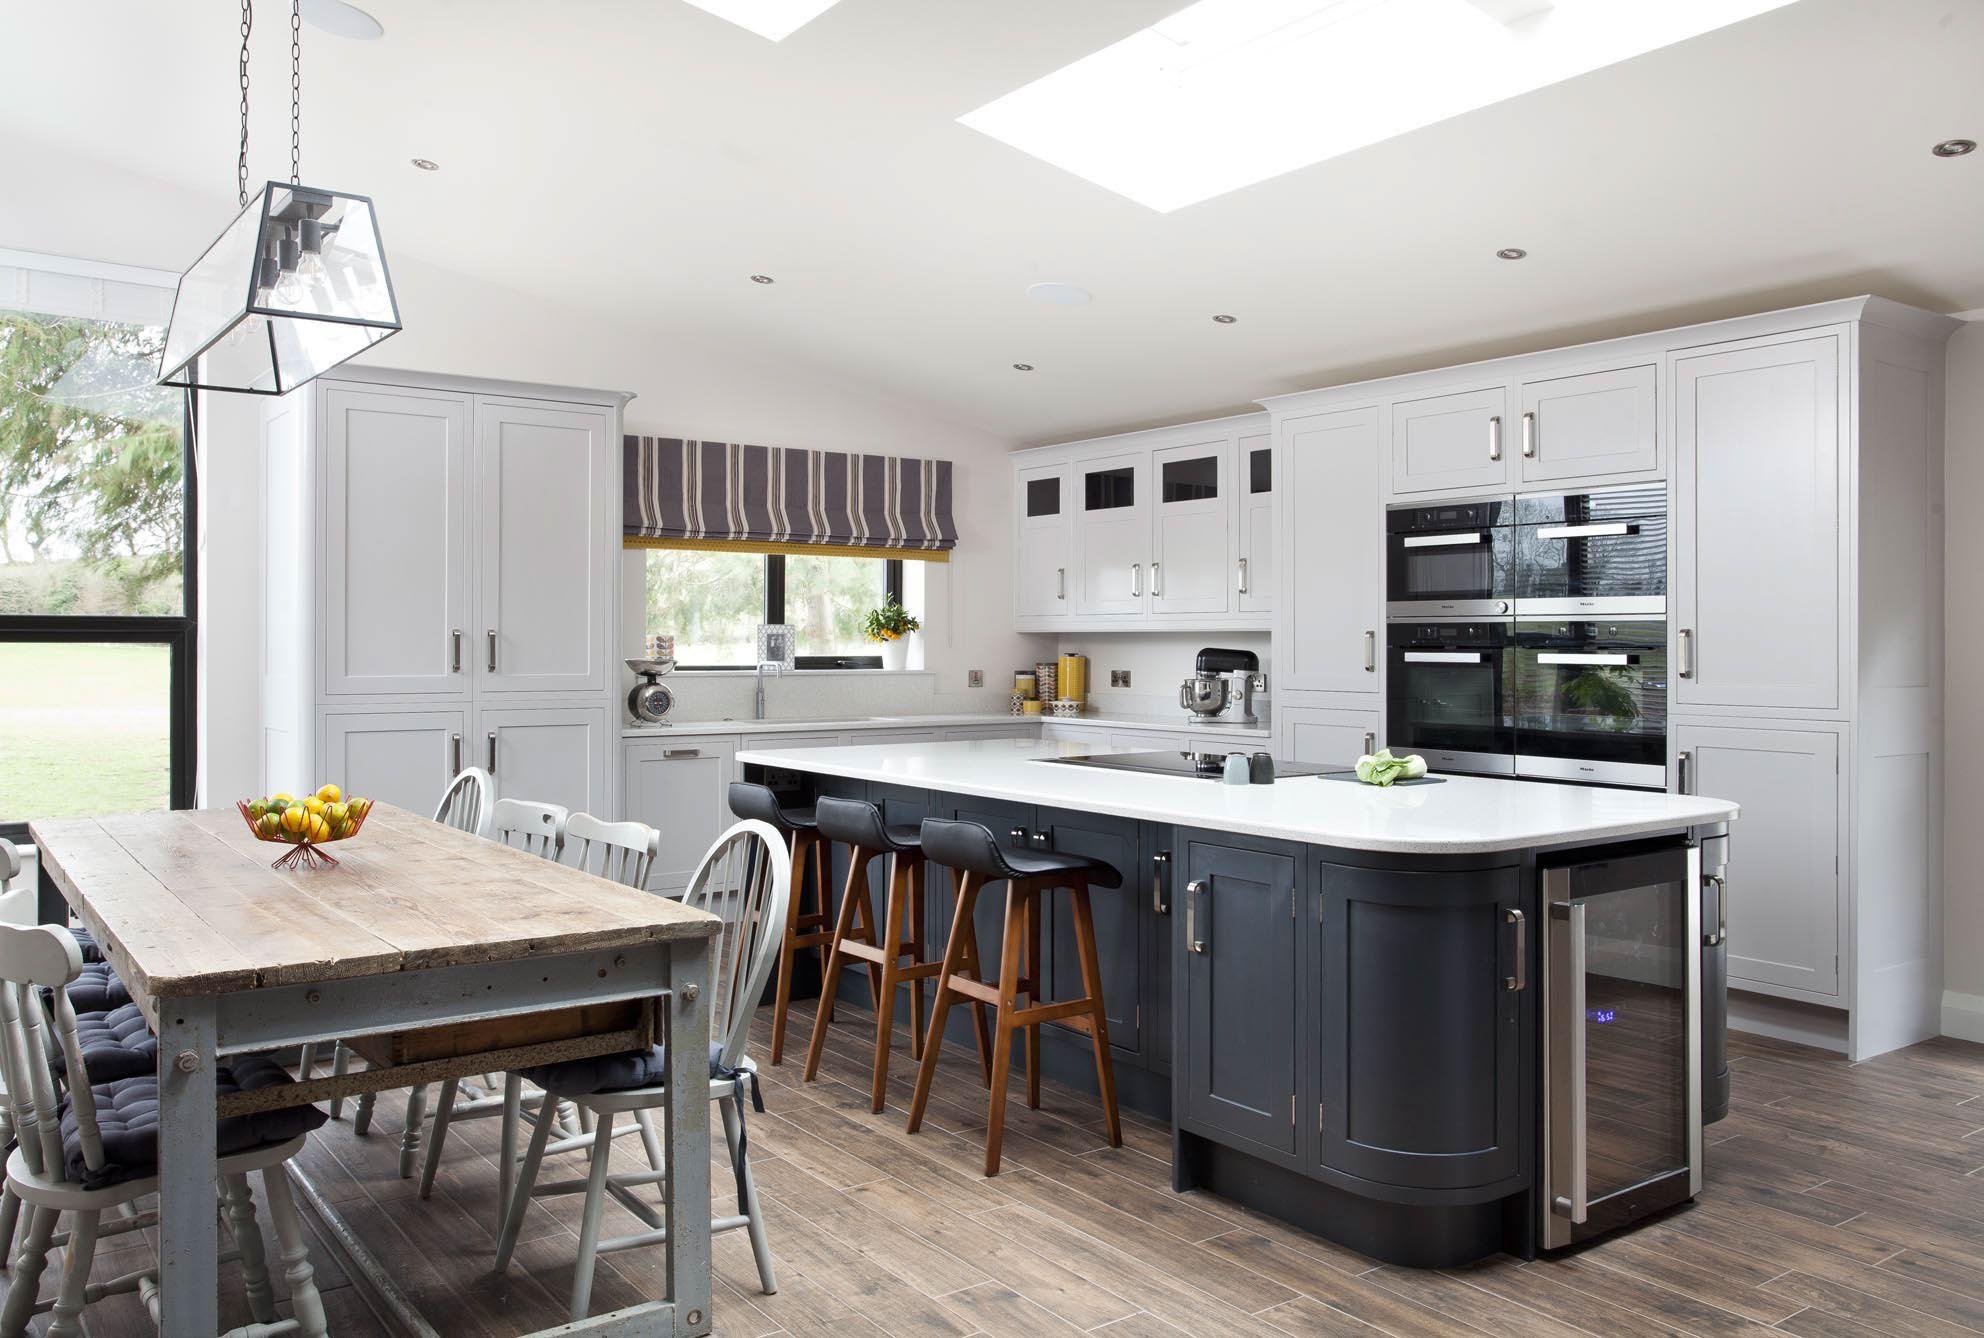 Handpainted Grey Inframe Kitchen Markethill Northern Ireland Elegant Kitchen Design House Design Kitchen Kitchen Design